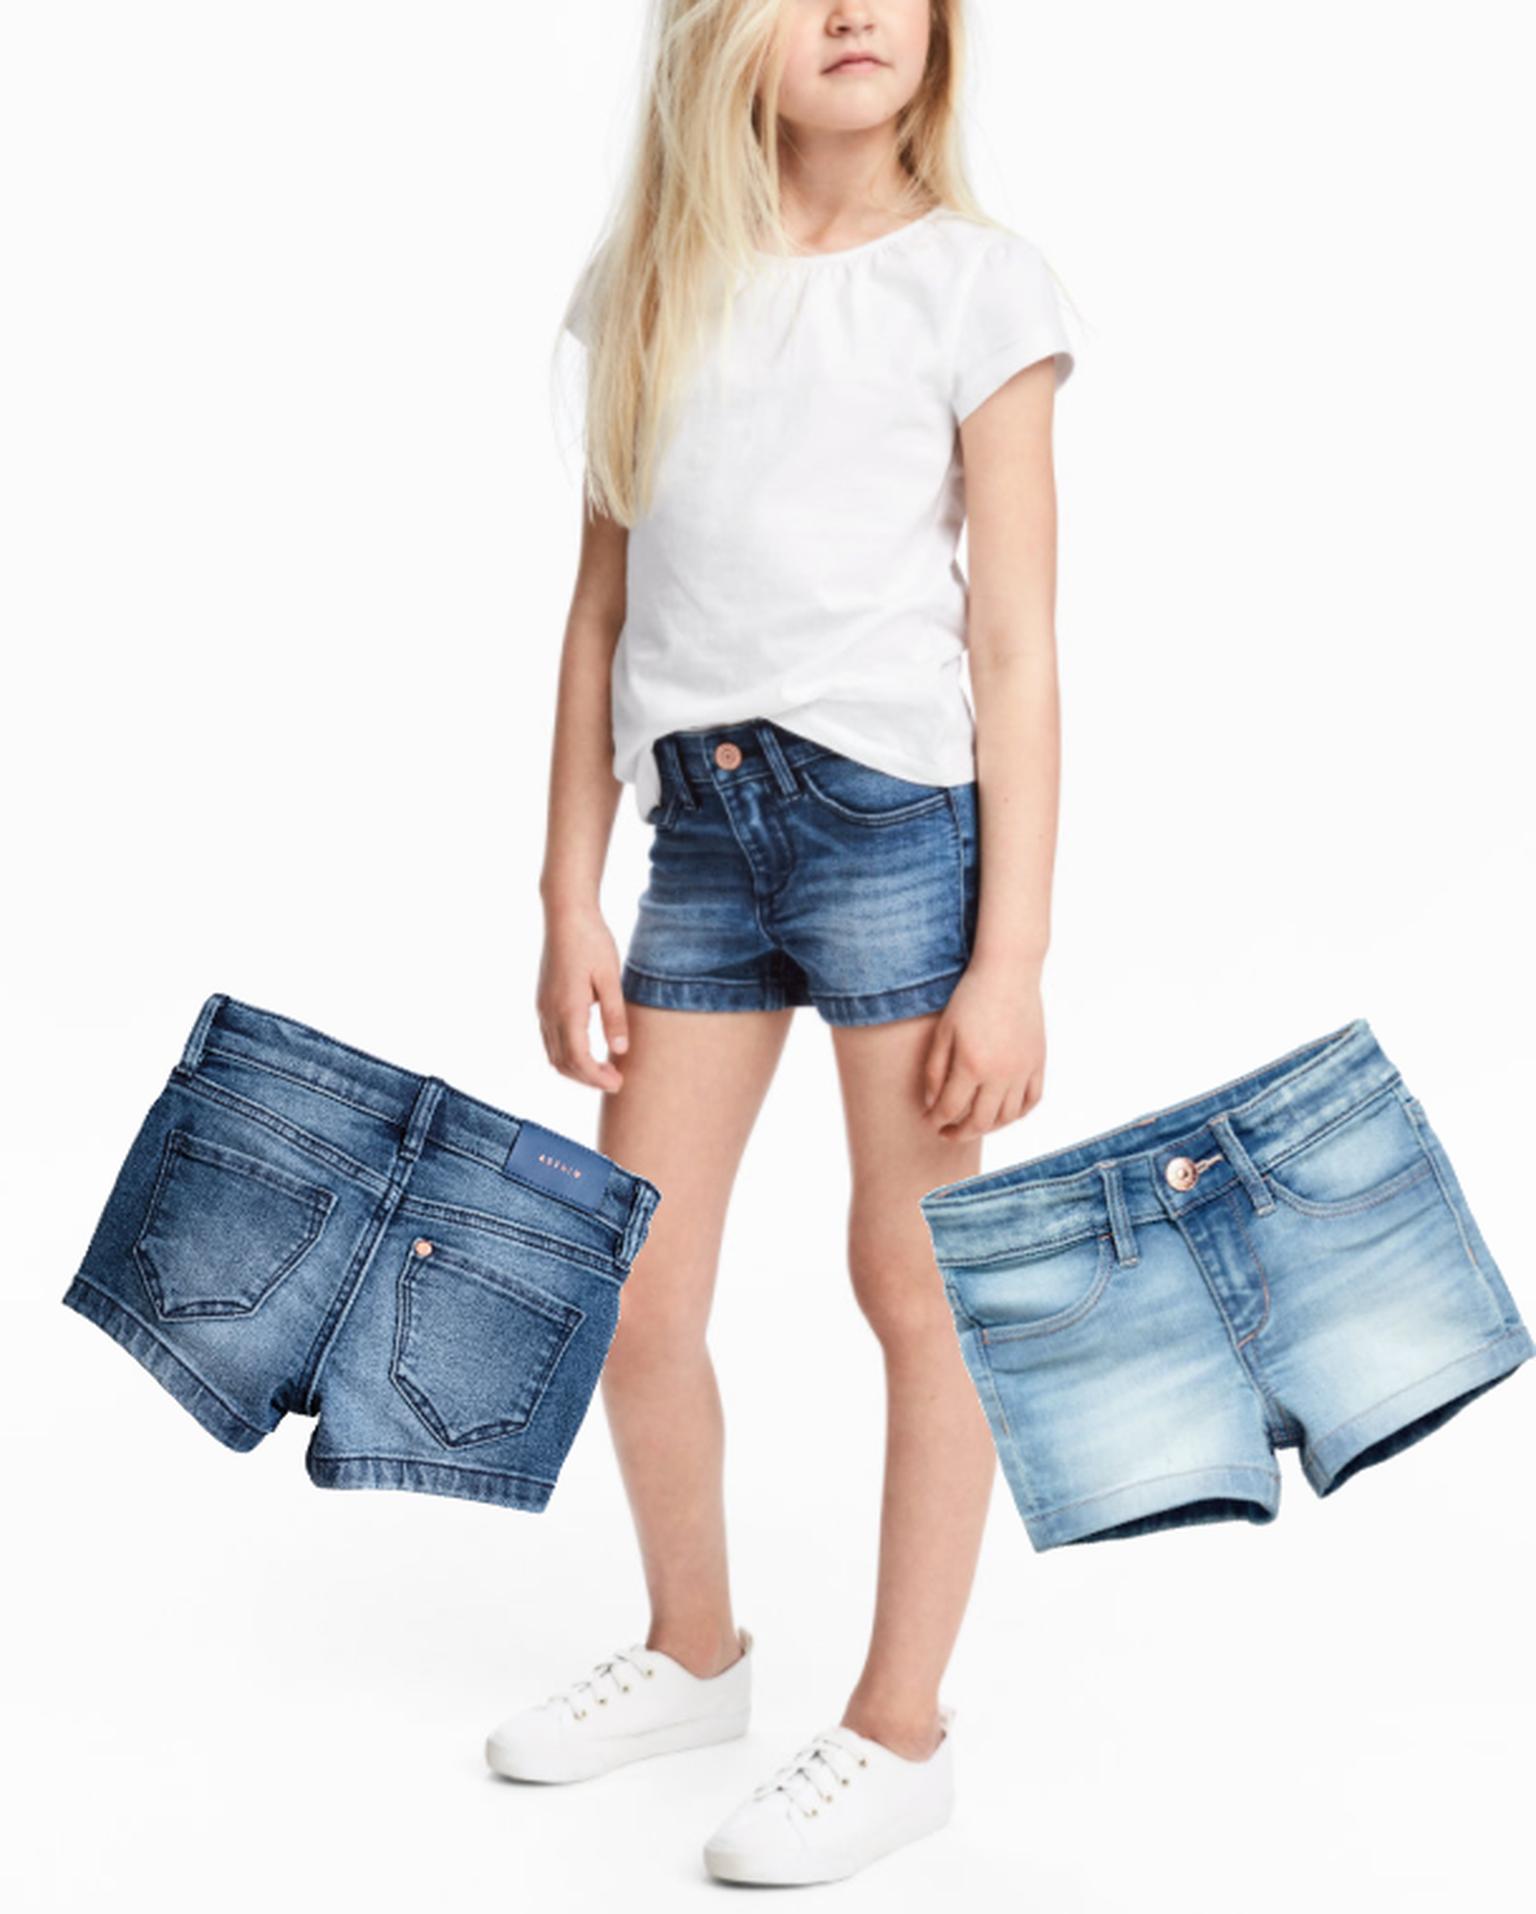 Kauf echt baby online hier Protest gegen H&M wegen zu kurzer Hosen für Mädchen - watson